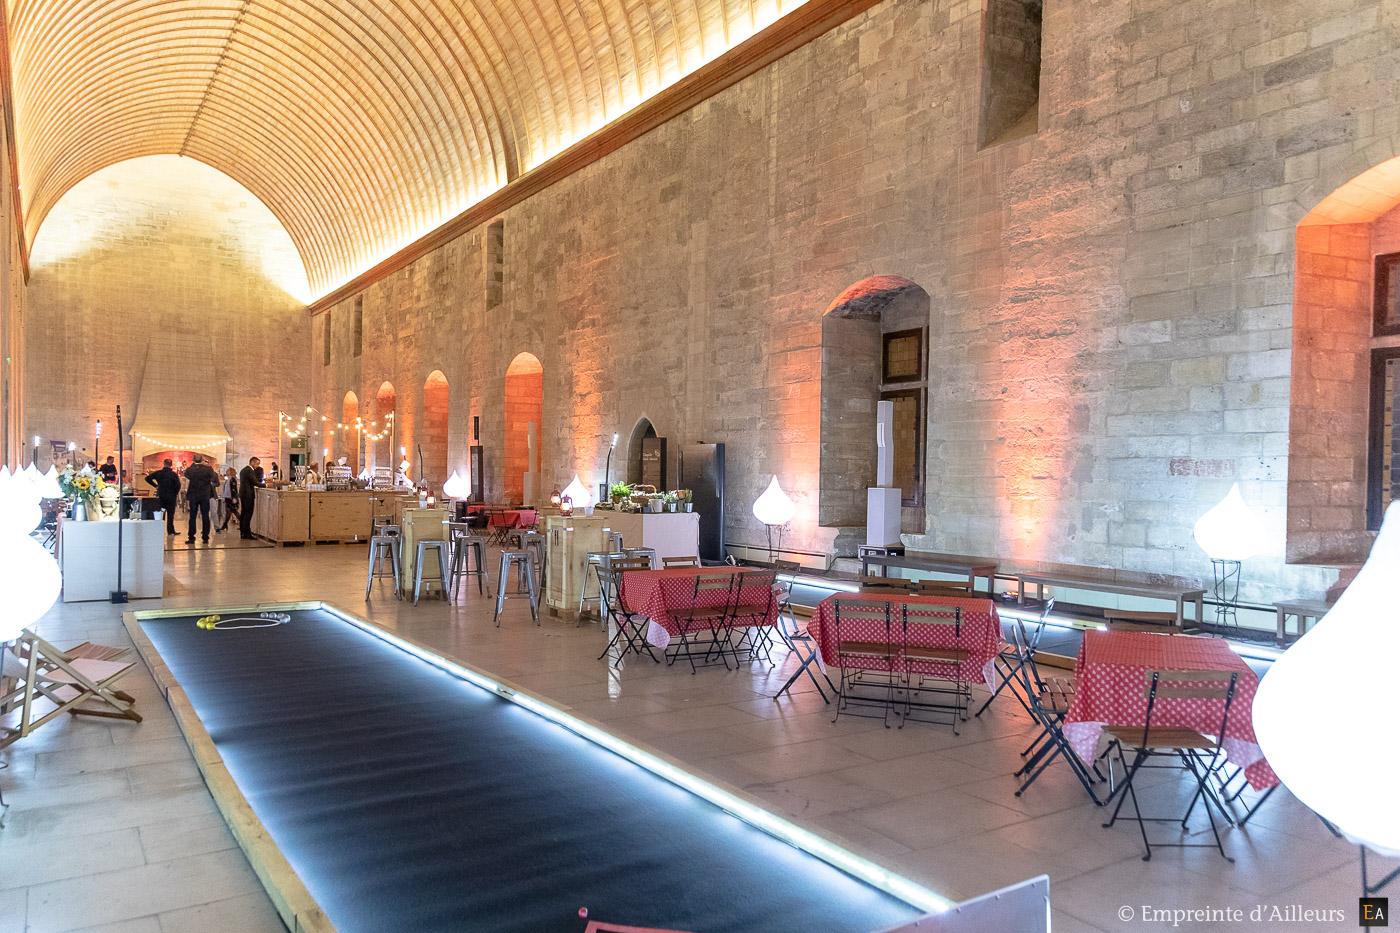 Salle du Grand Tinel au Palais des Papes